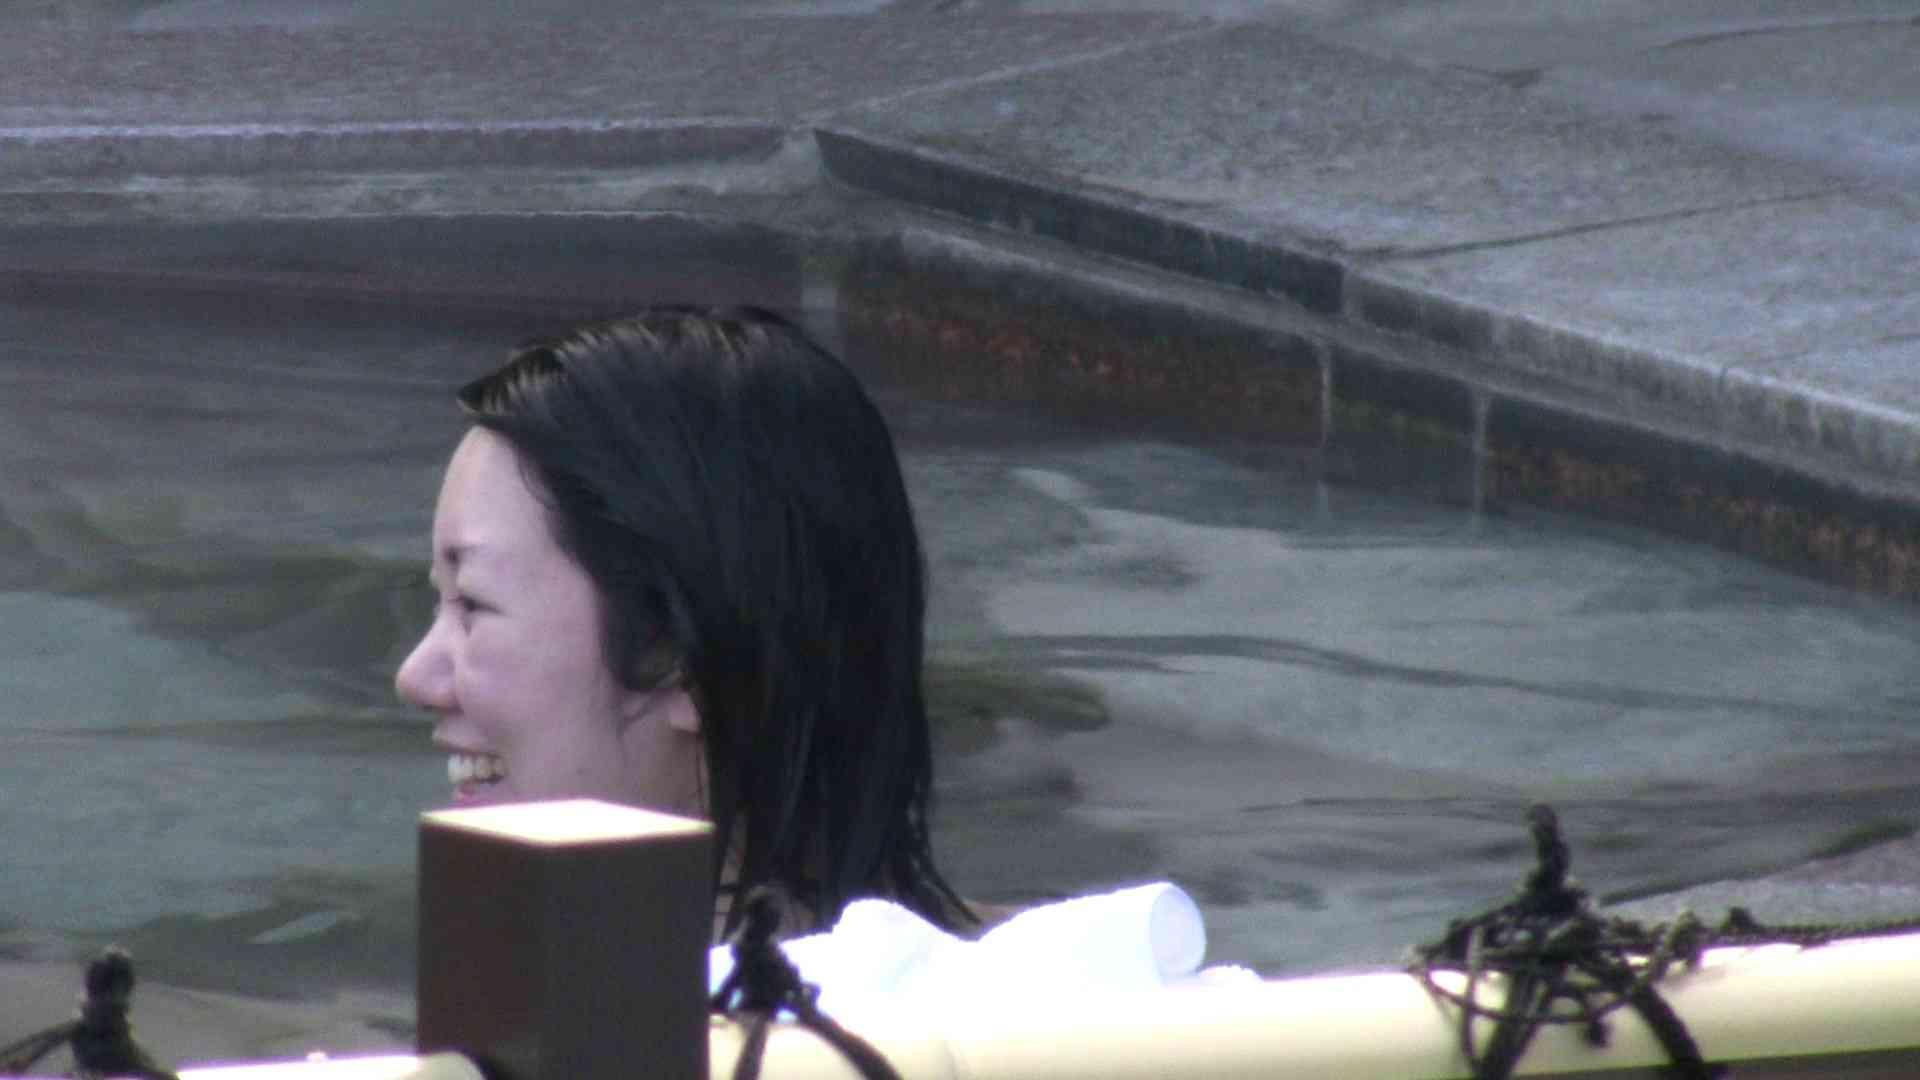 Aquaな露天風呂Vol.117 盗撮師作品 | 美しいOLの裸体  97pic 28